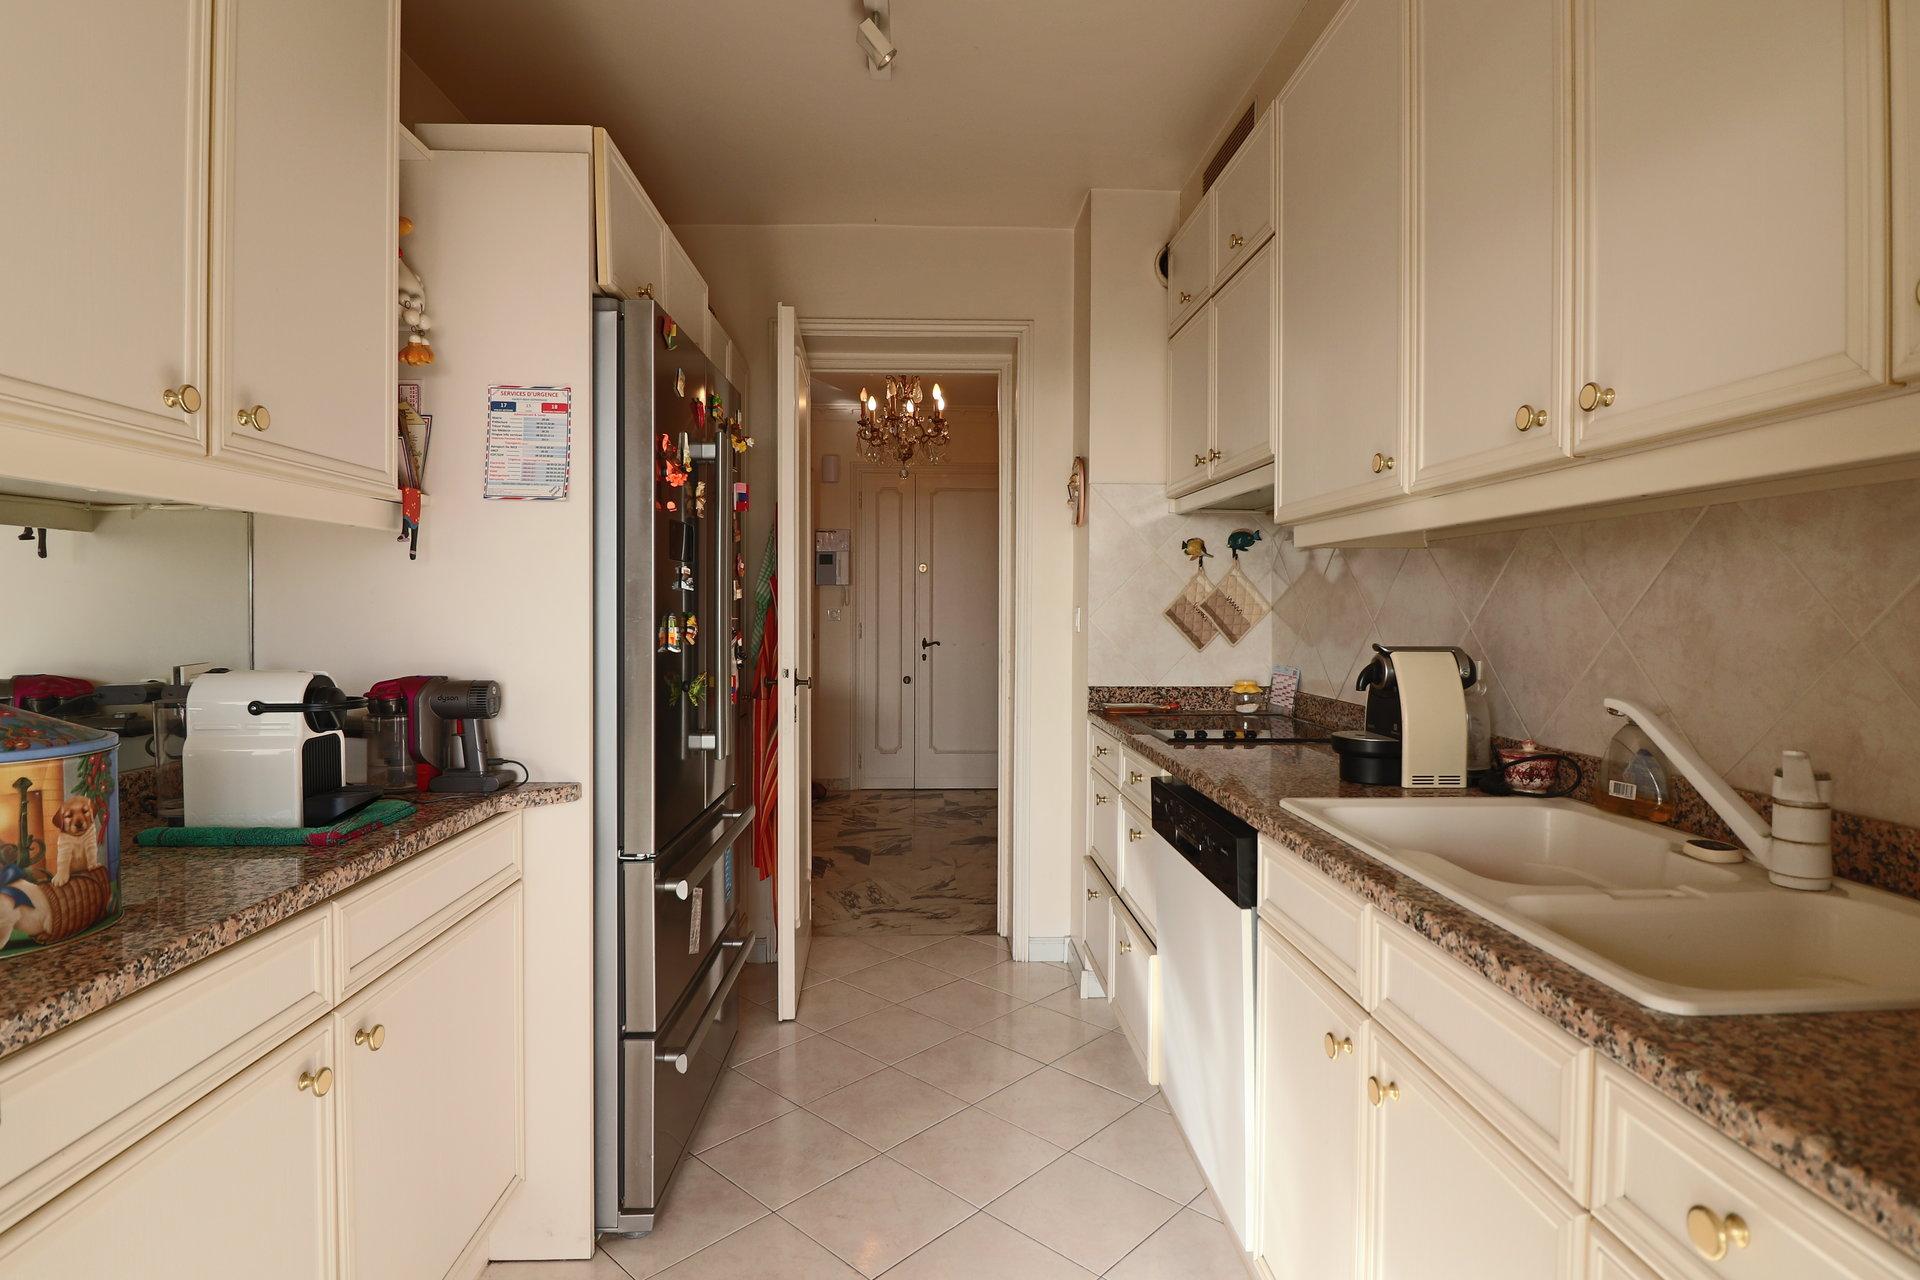 Affitto Appartamento - Le Cannet